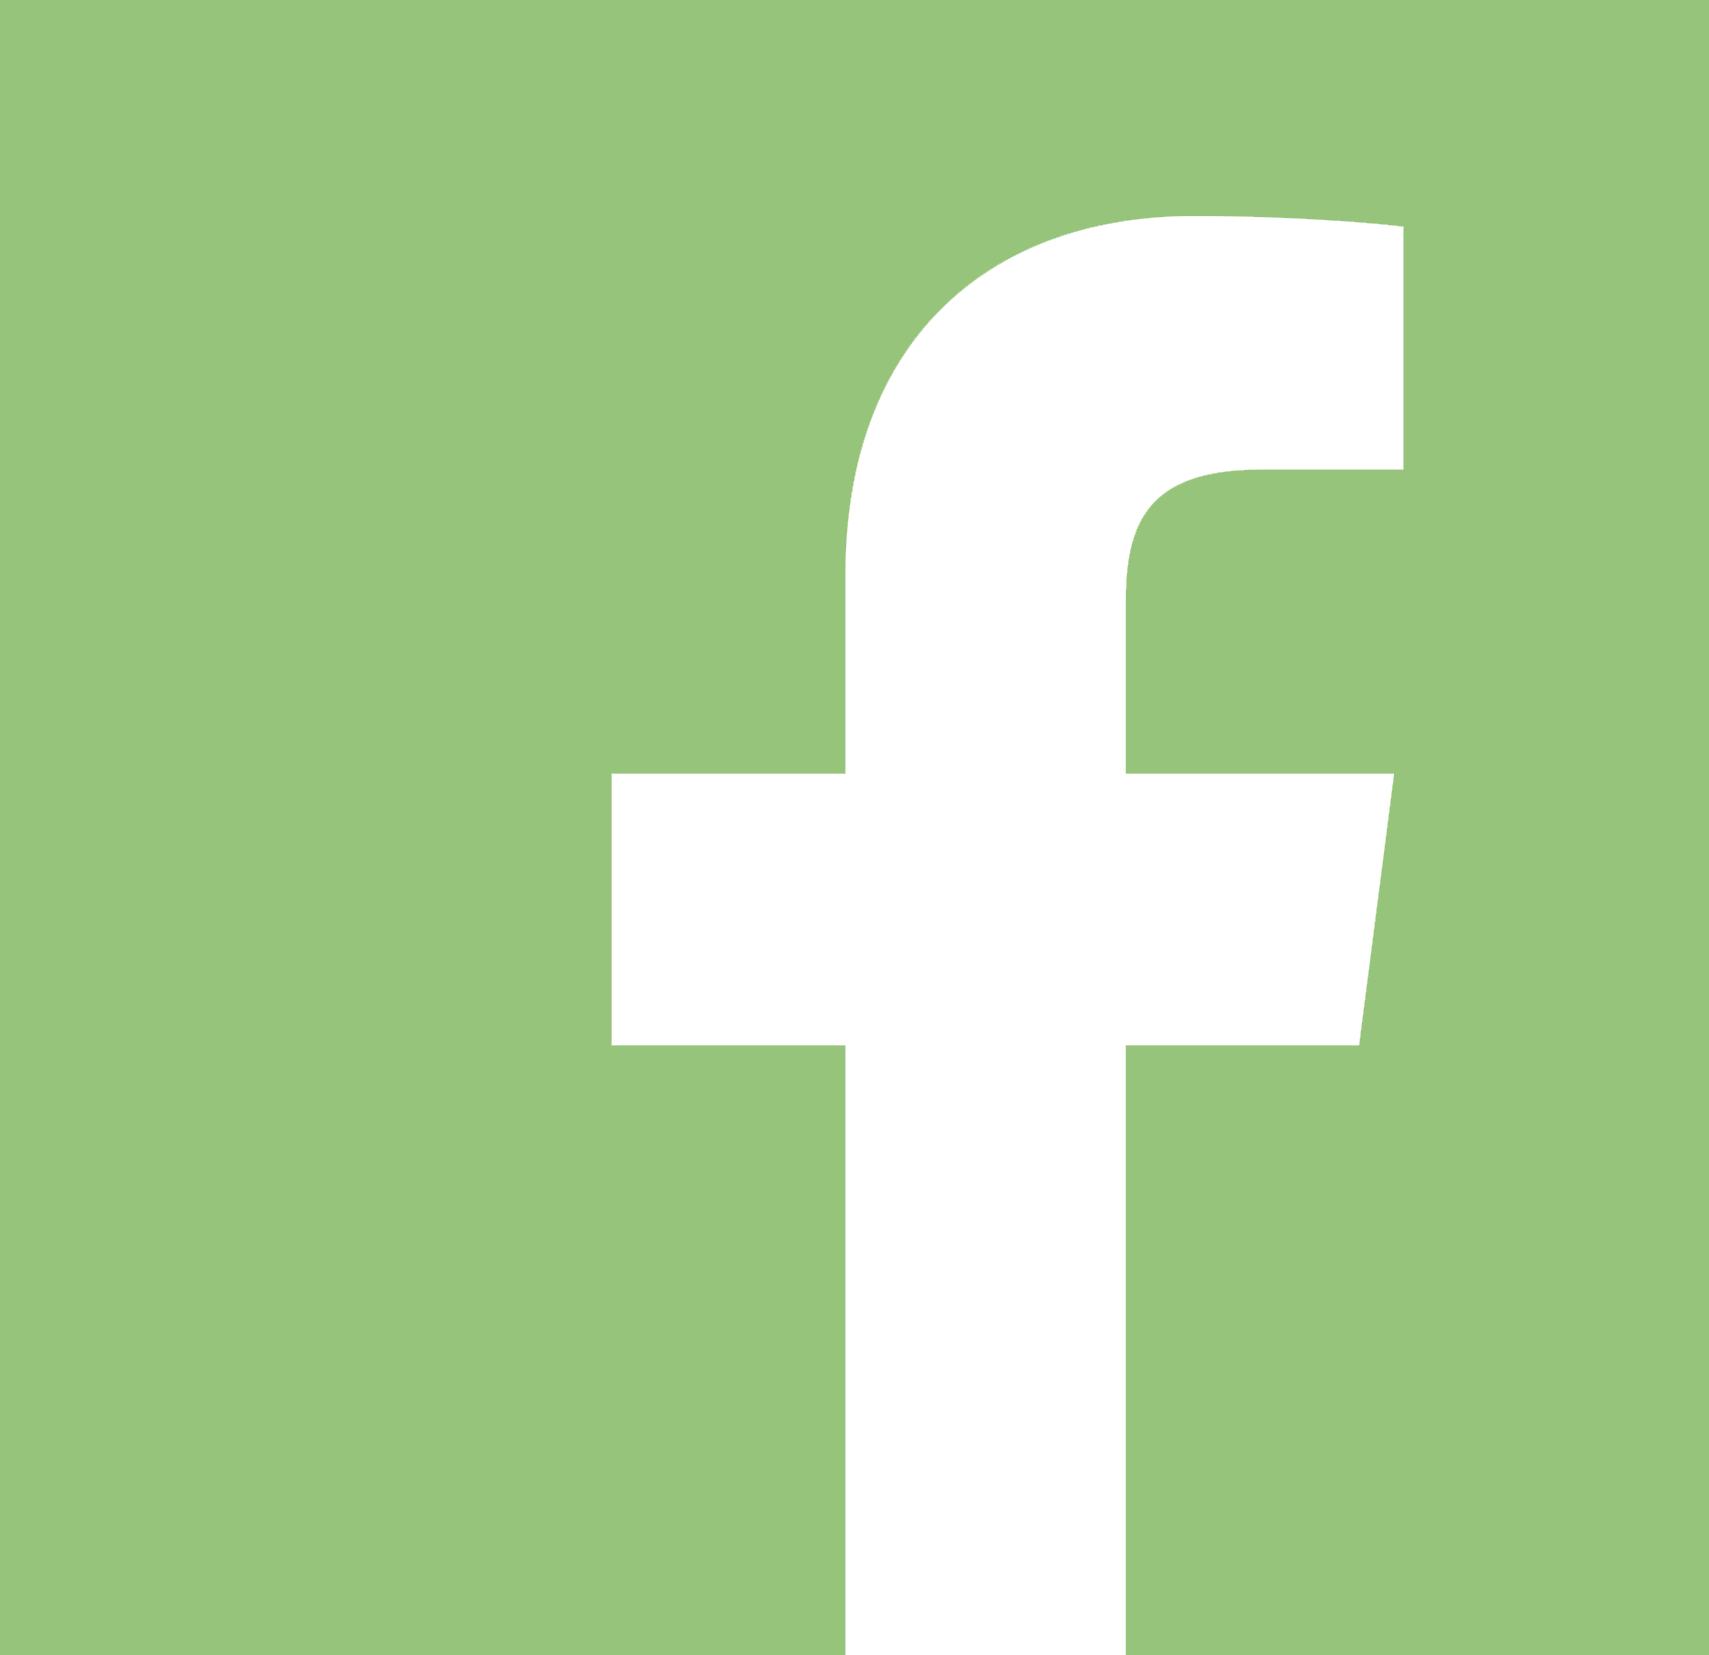 AB-facebook